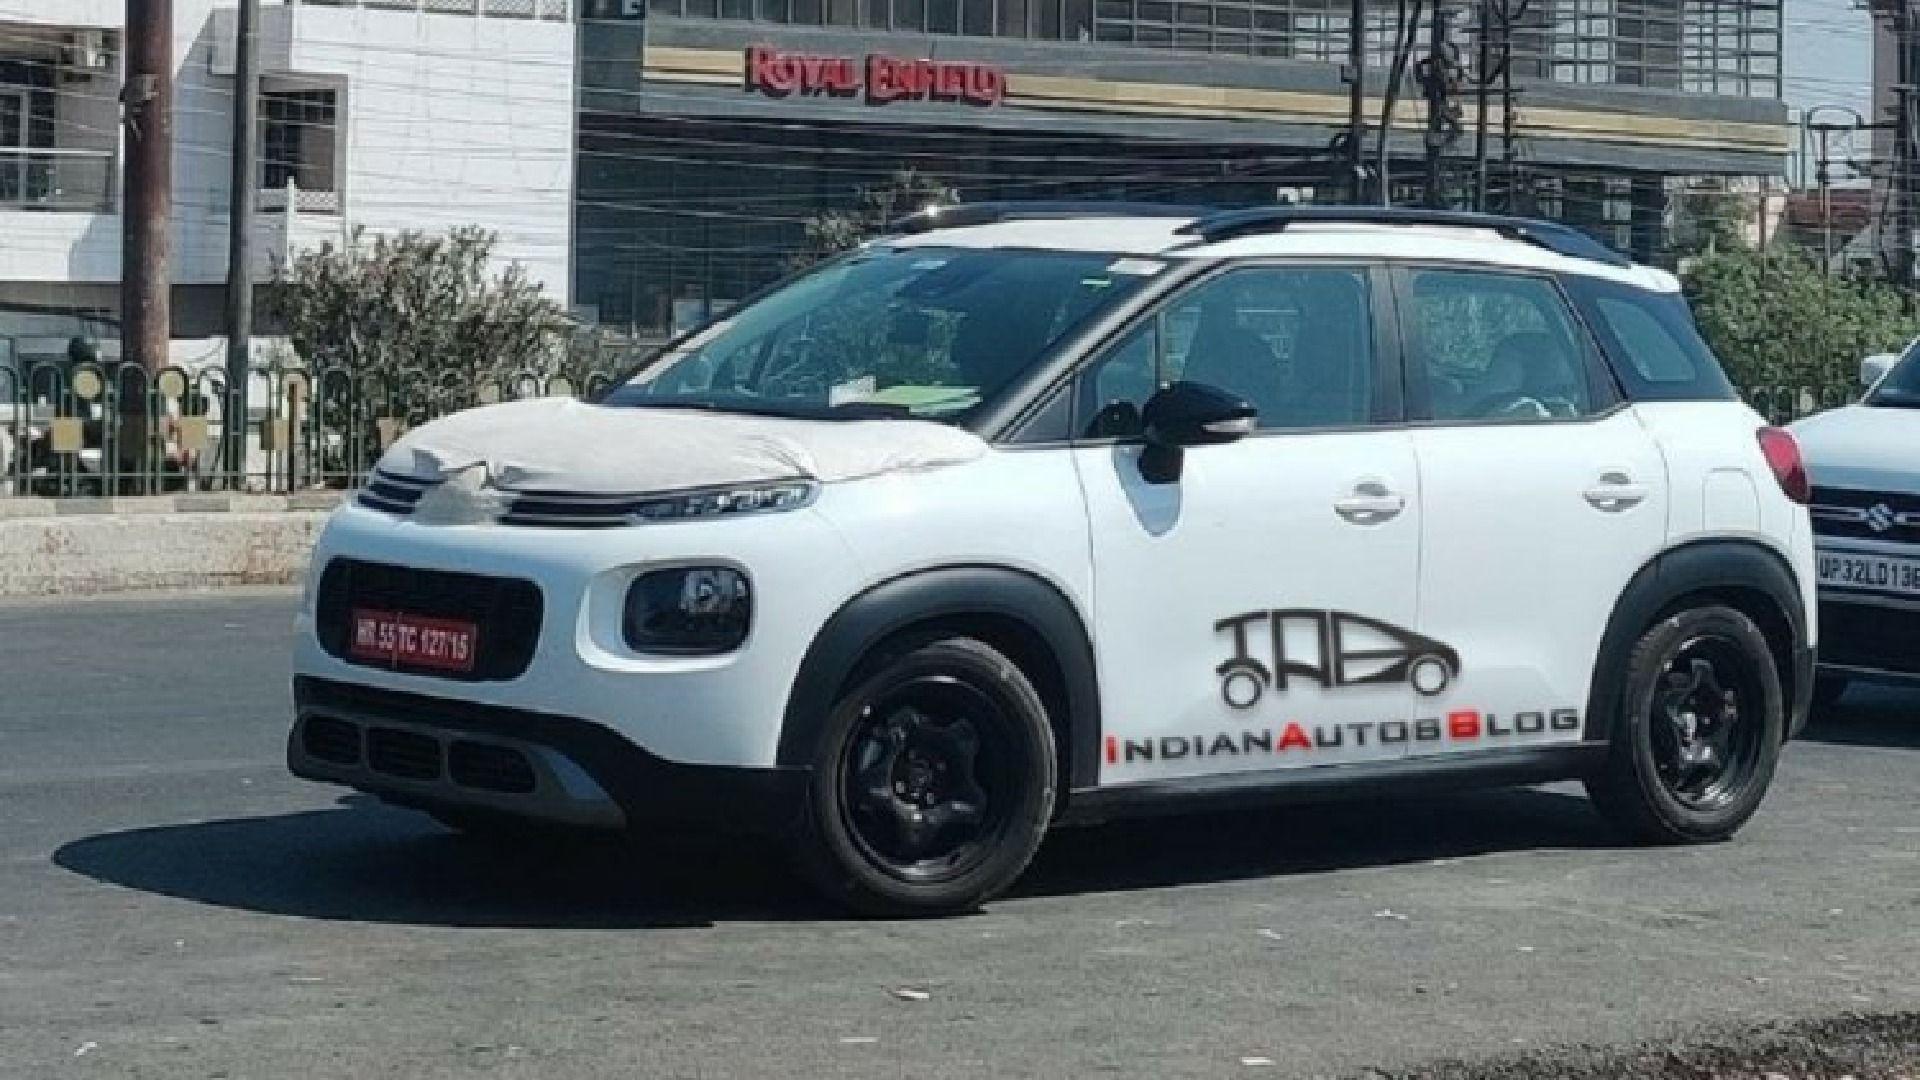 Aparece el nuevo Citroën C3 Aircross, aunque se espera la llegada de otro SUV